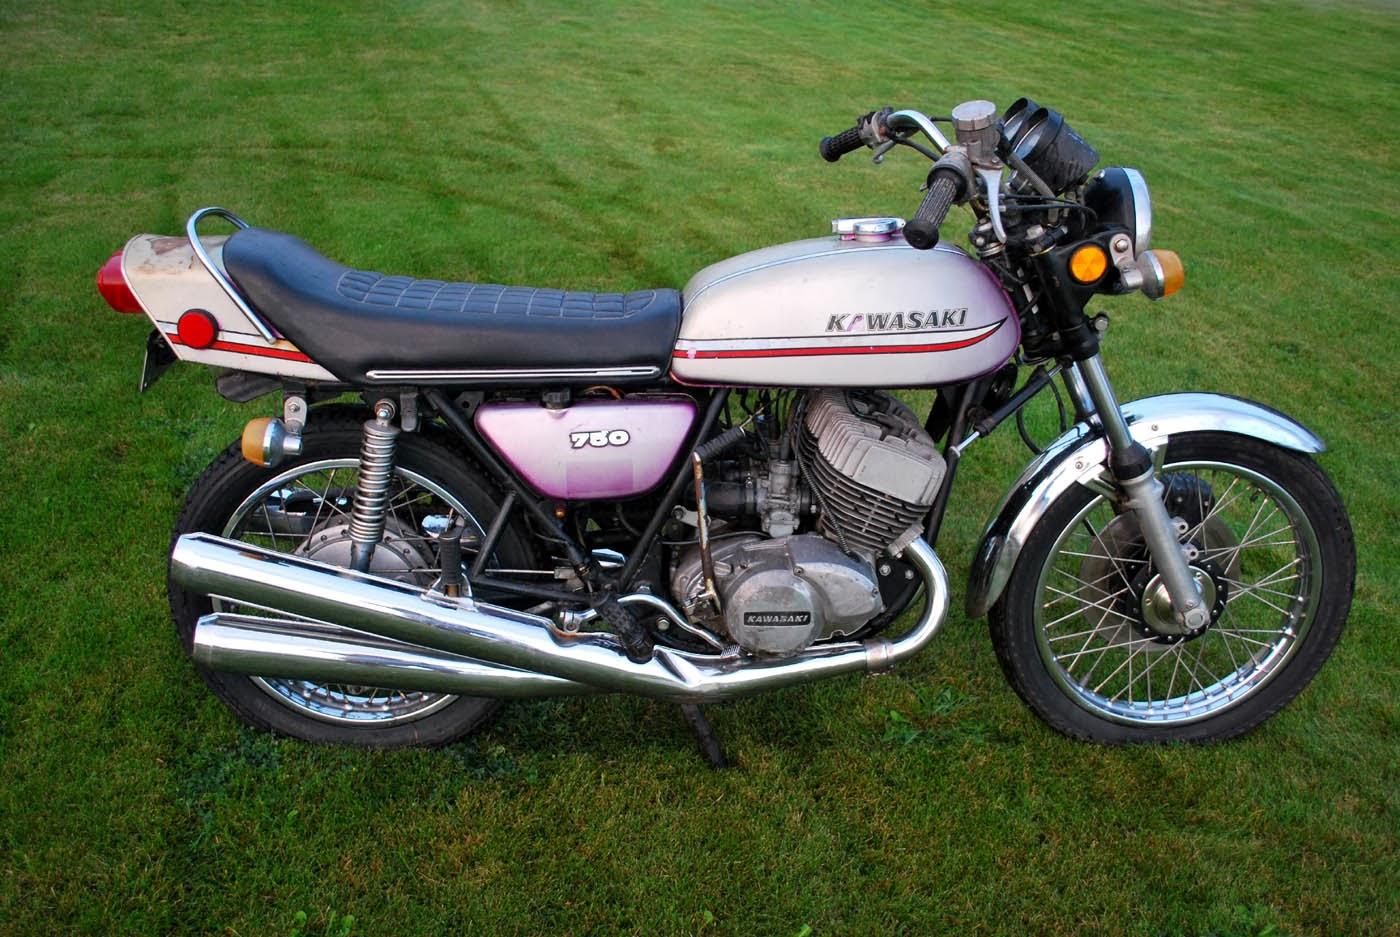 1974 Kawasaki H2 750